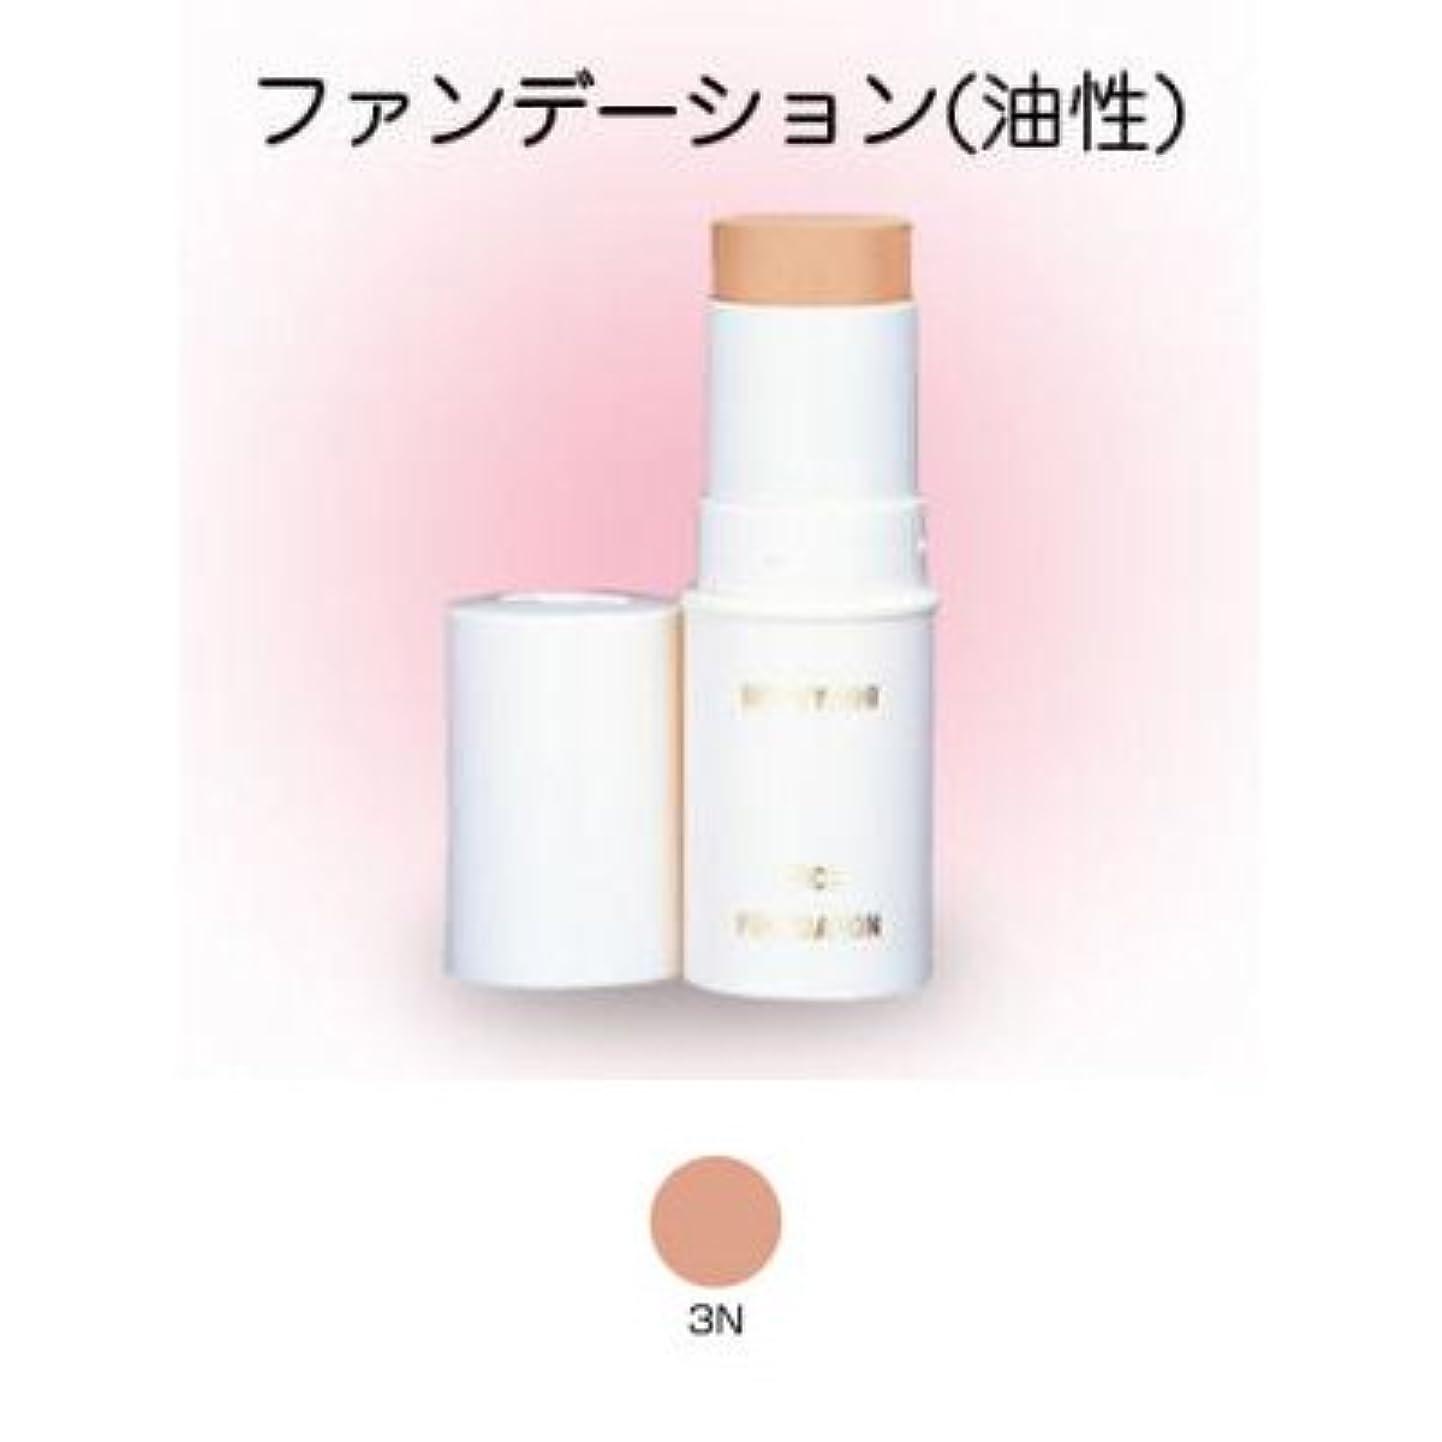 ブーストページ密スティックファンデーション 16g 3N 【三善】